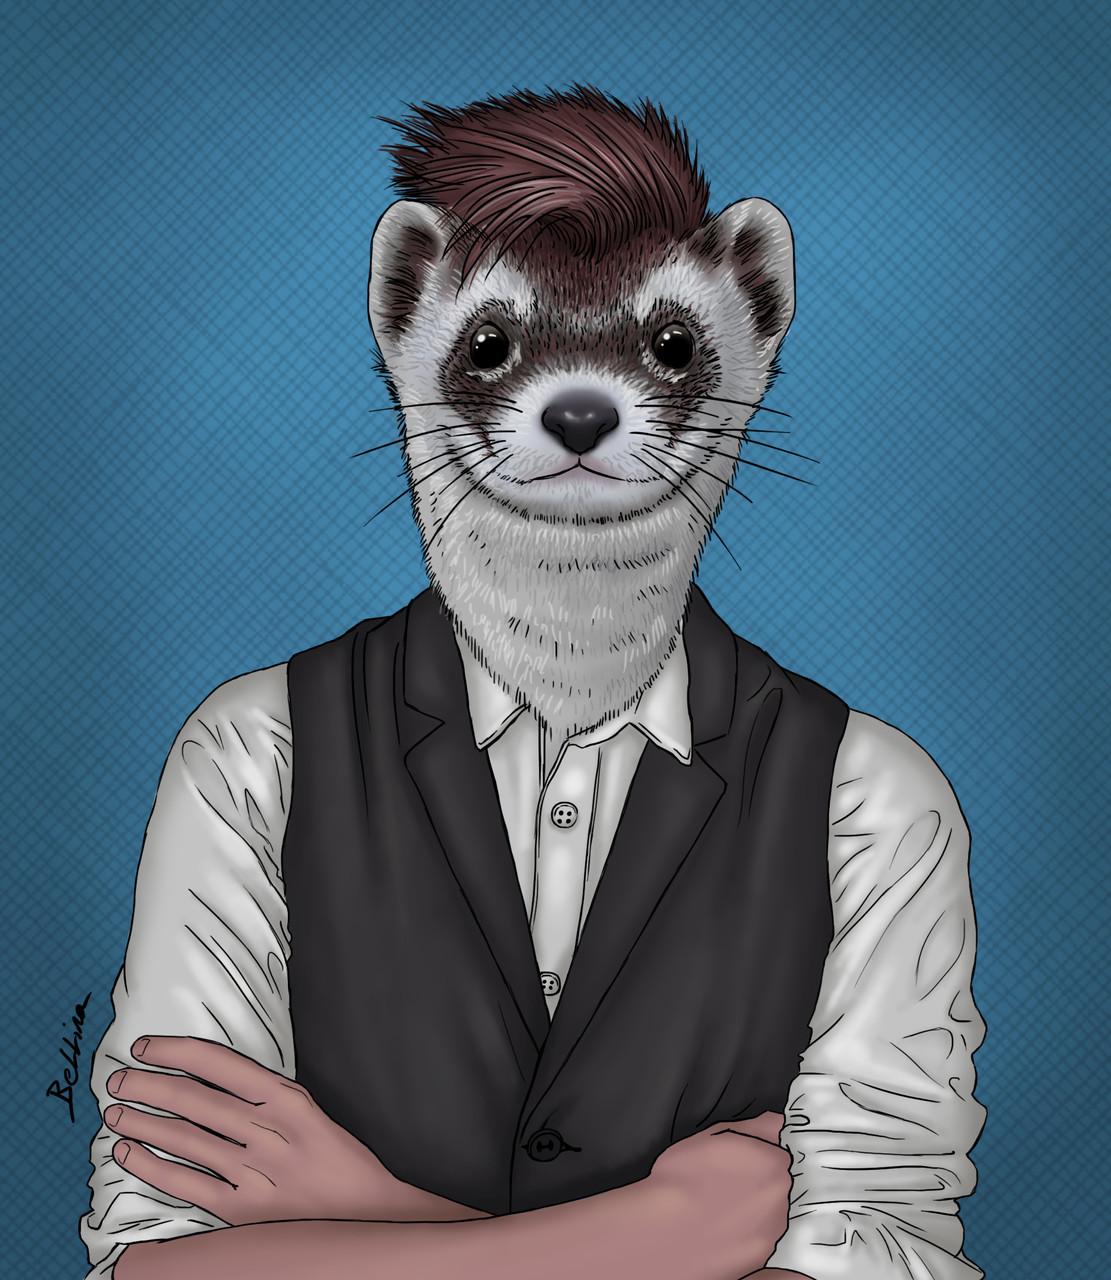 Dessins sur Ordinateur > Weasel